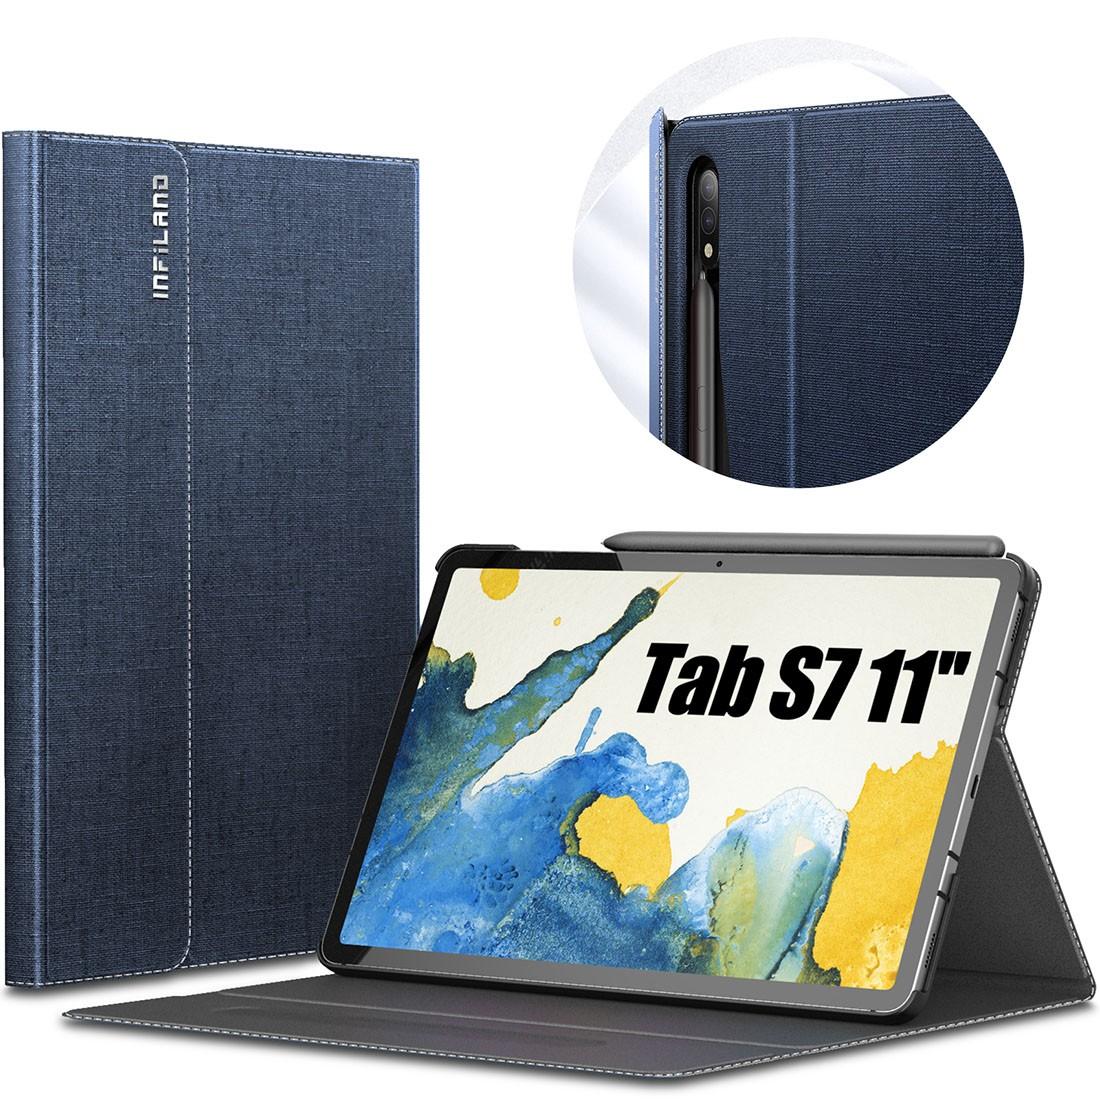 Capa Premium Classic Series com Fino Acabamento Galaxy Tab S7 11 pol 2020 SM-T870 e SM-T875